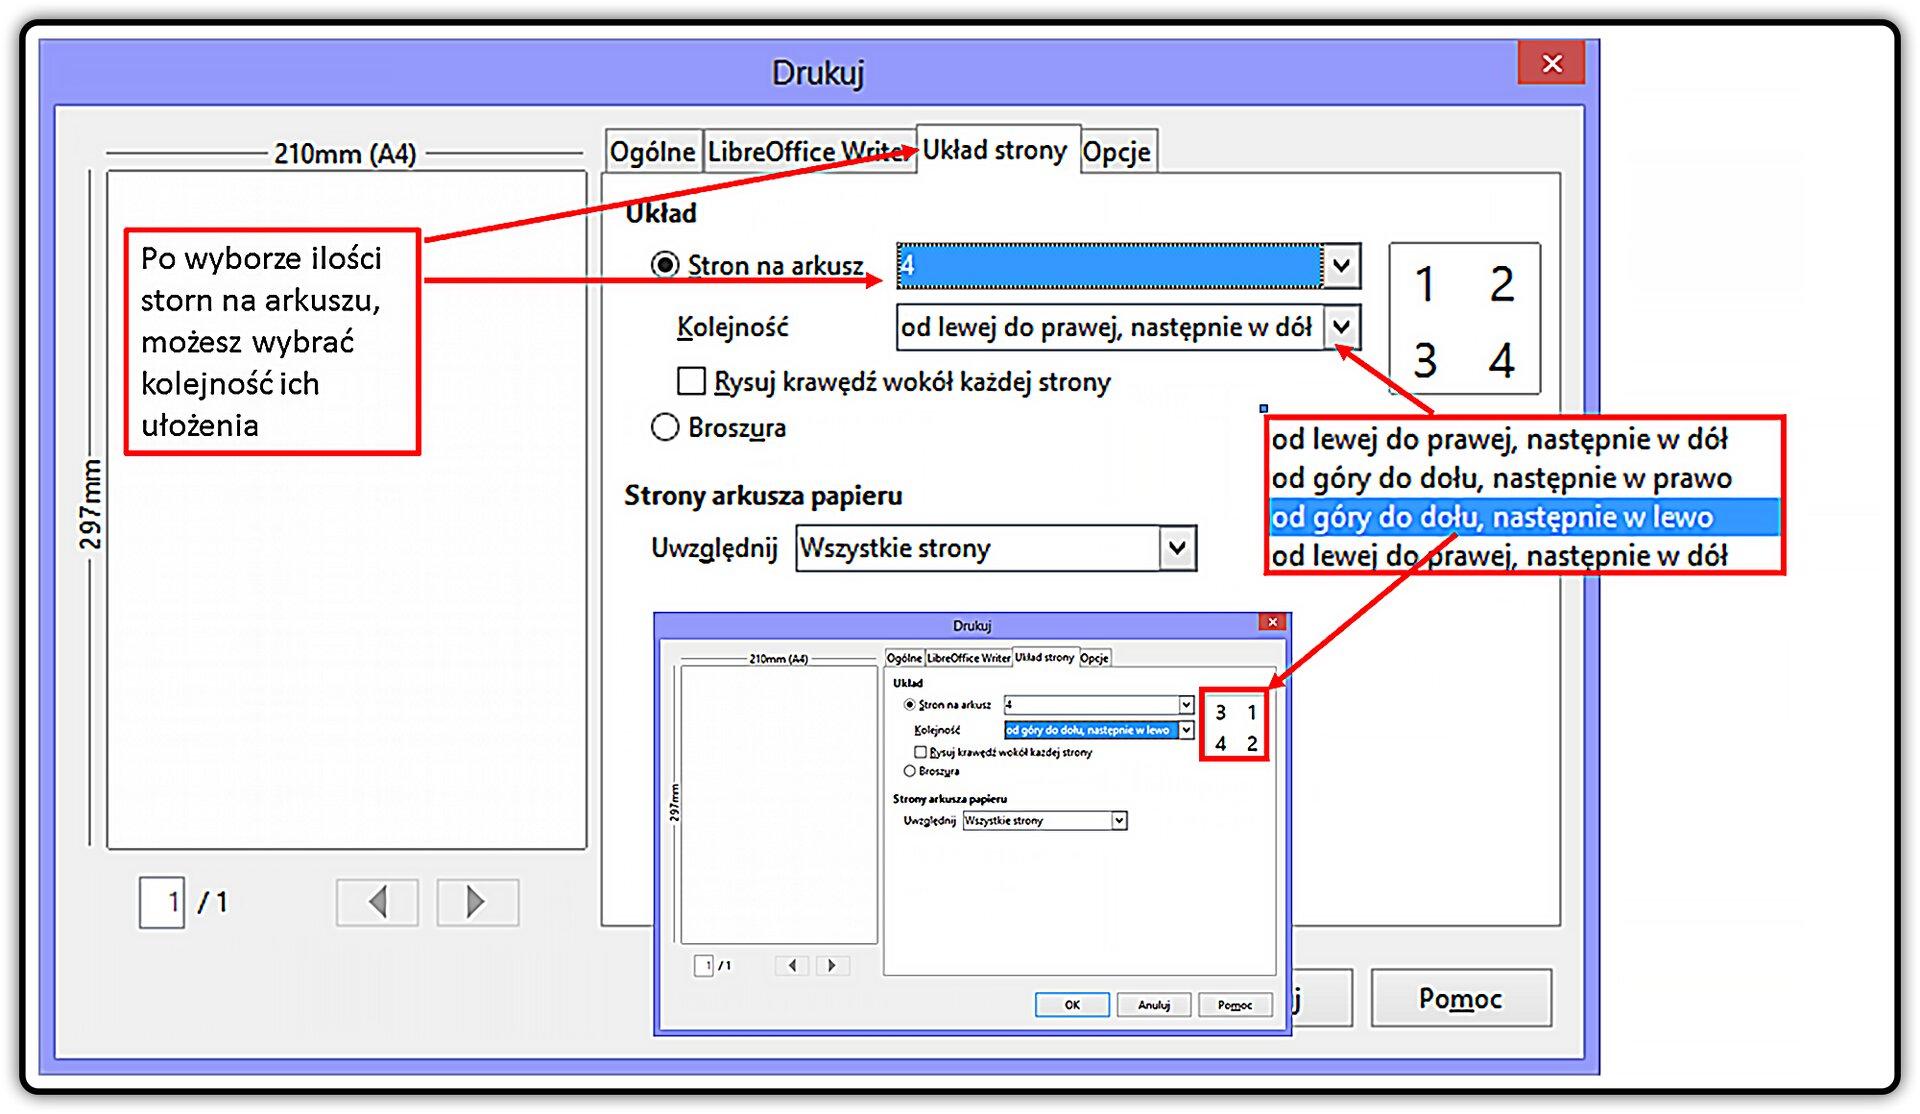 Slajd 4 galerii: Wjaki sposób przygotować wydruk dokumentu wprogramie LibreOffice Writer